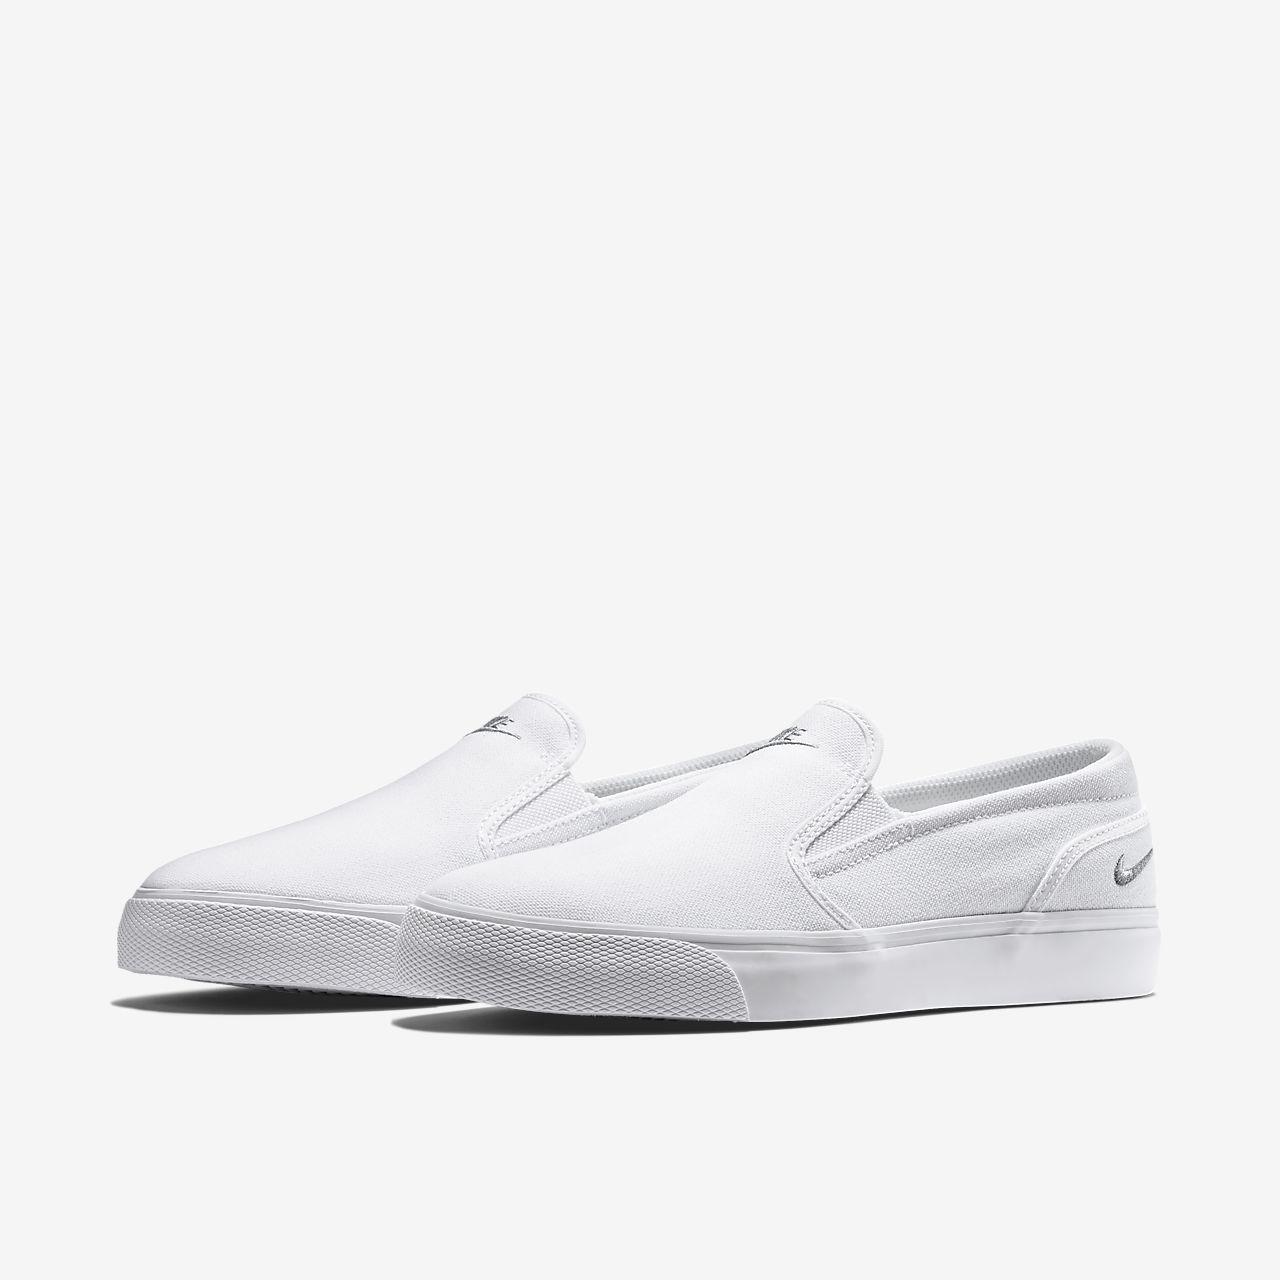 929433f8e Nike Toki Slip-On Canvas Women s Shoe. Nike.com SG